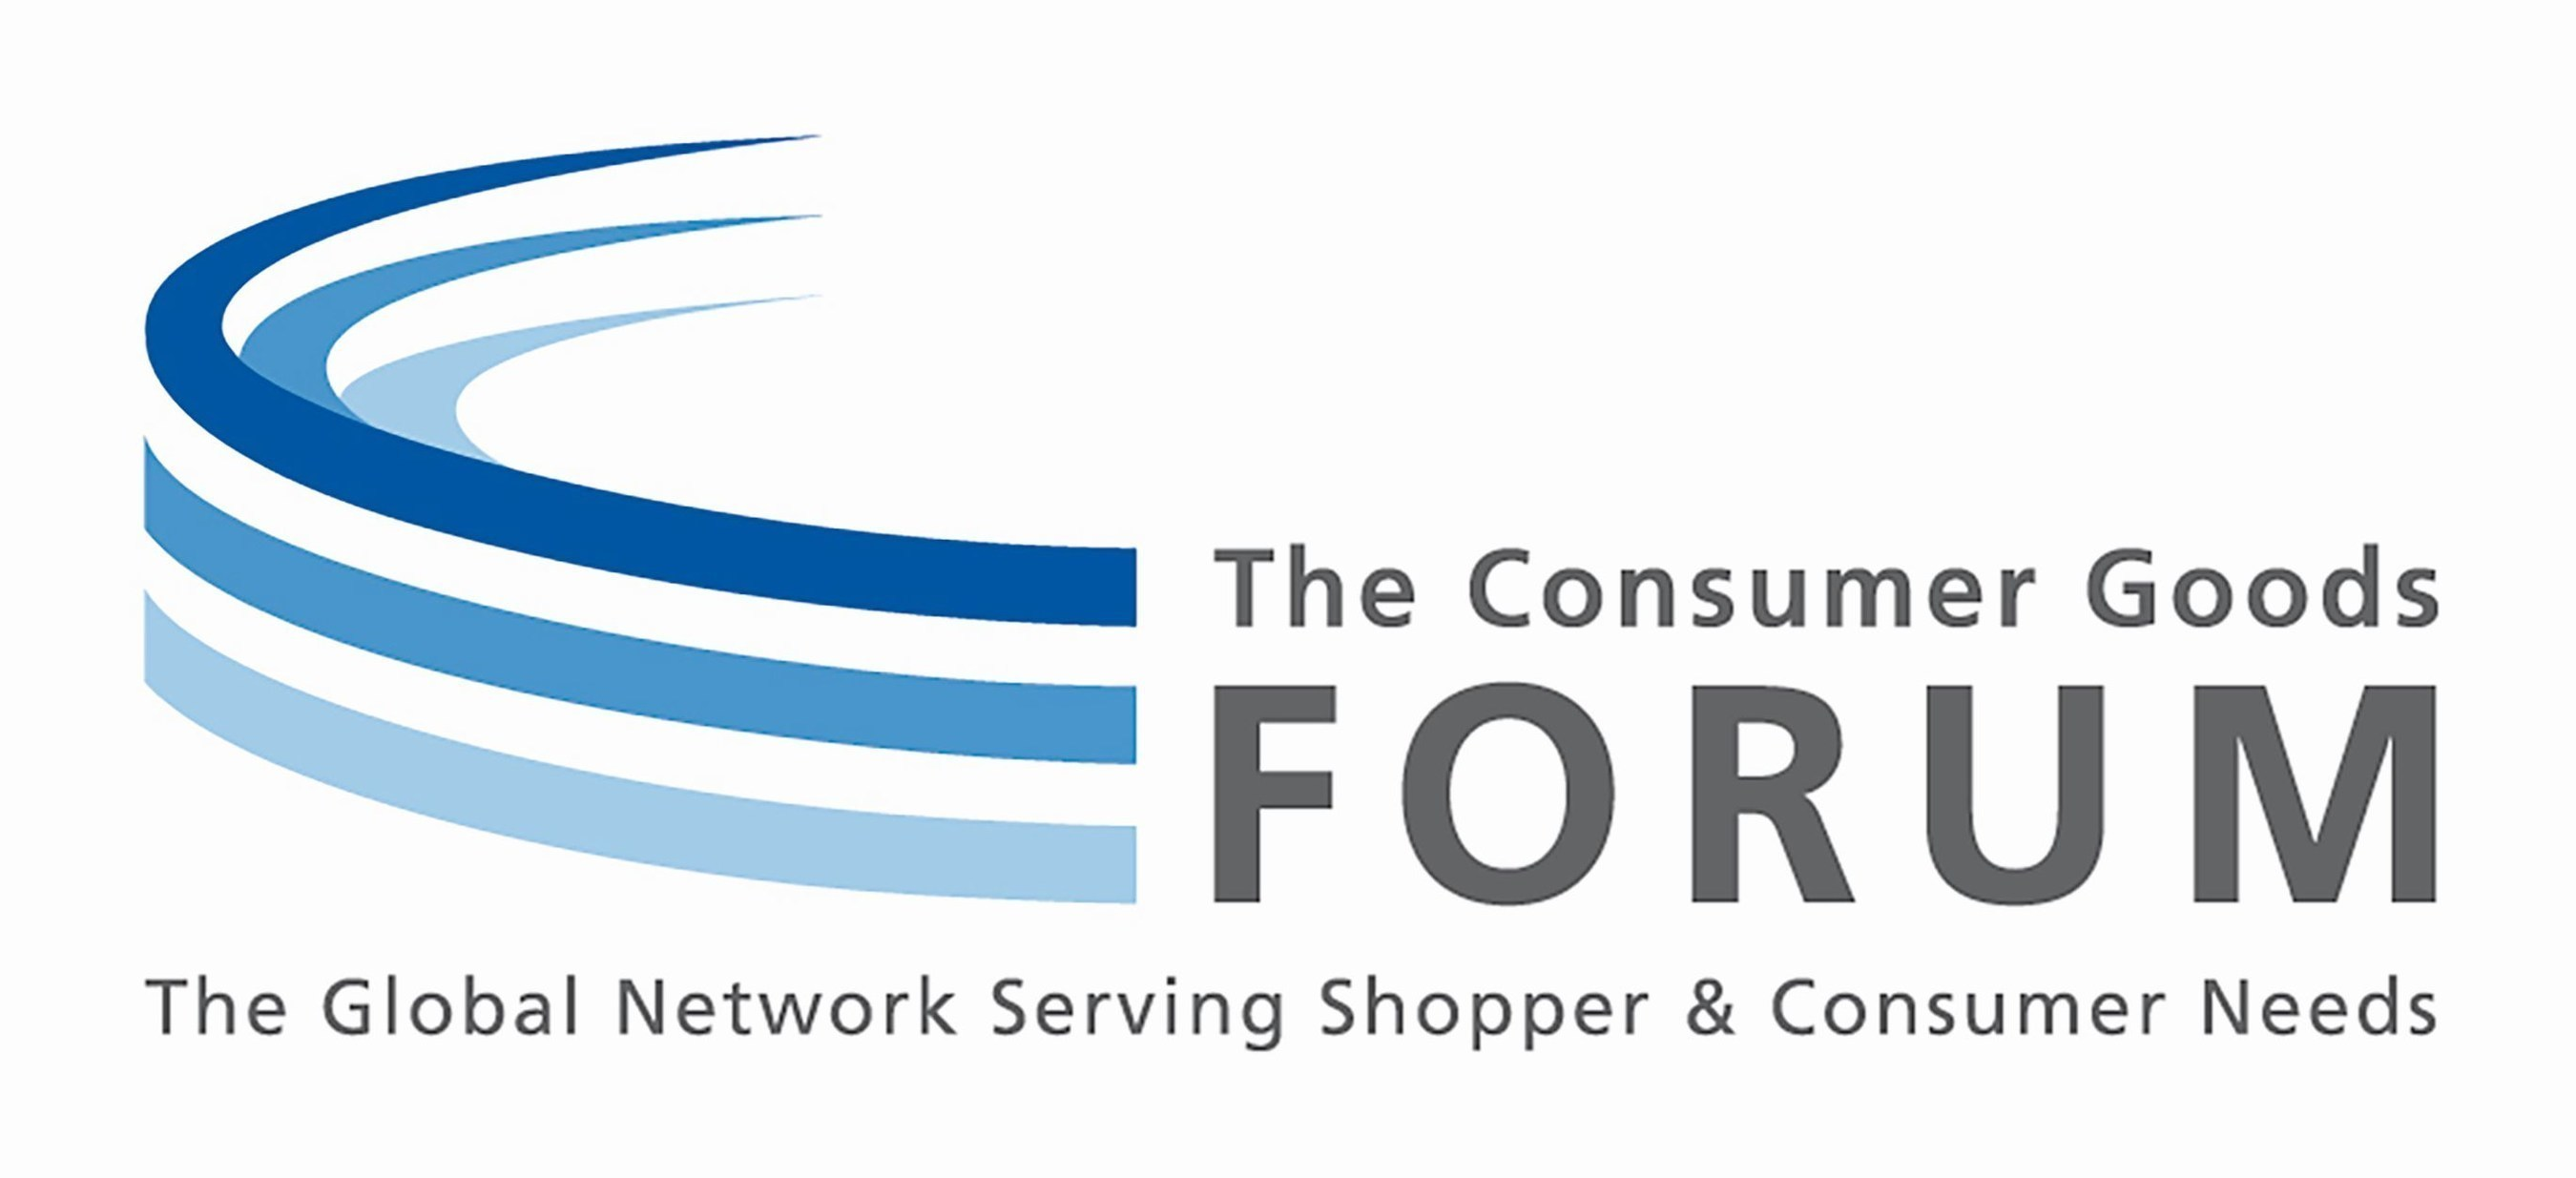 La industria de los bienes de consumo requiere próximas medidas positivas para seguir aumentando la